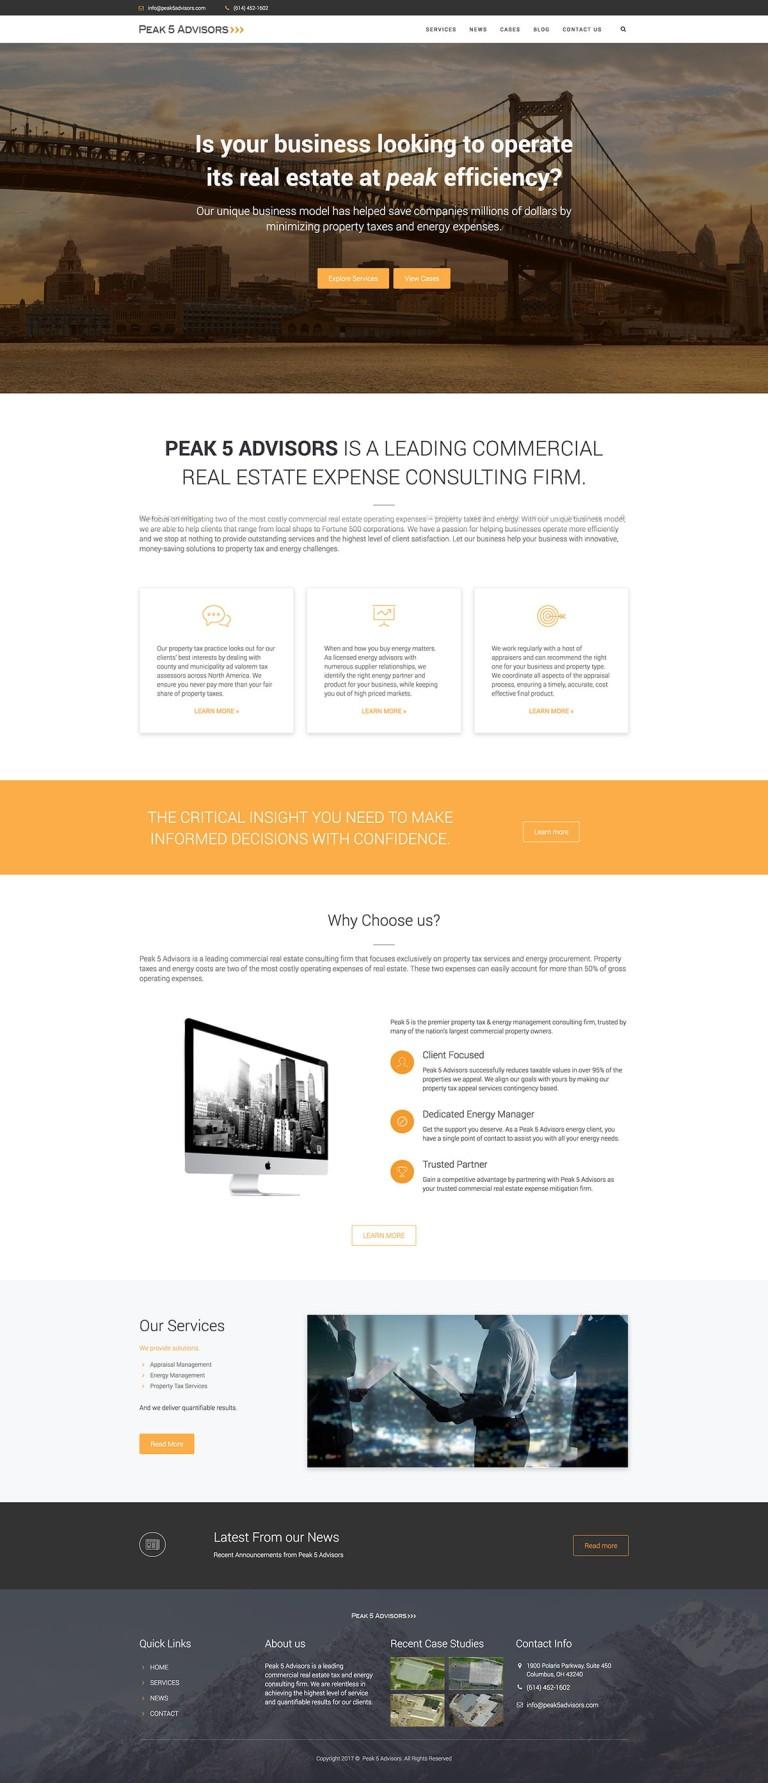 web-design-portfolio-p51